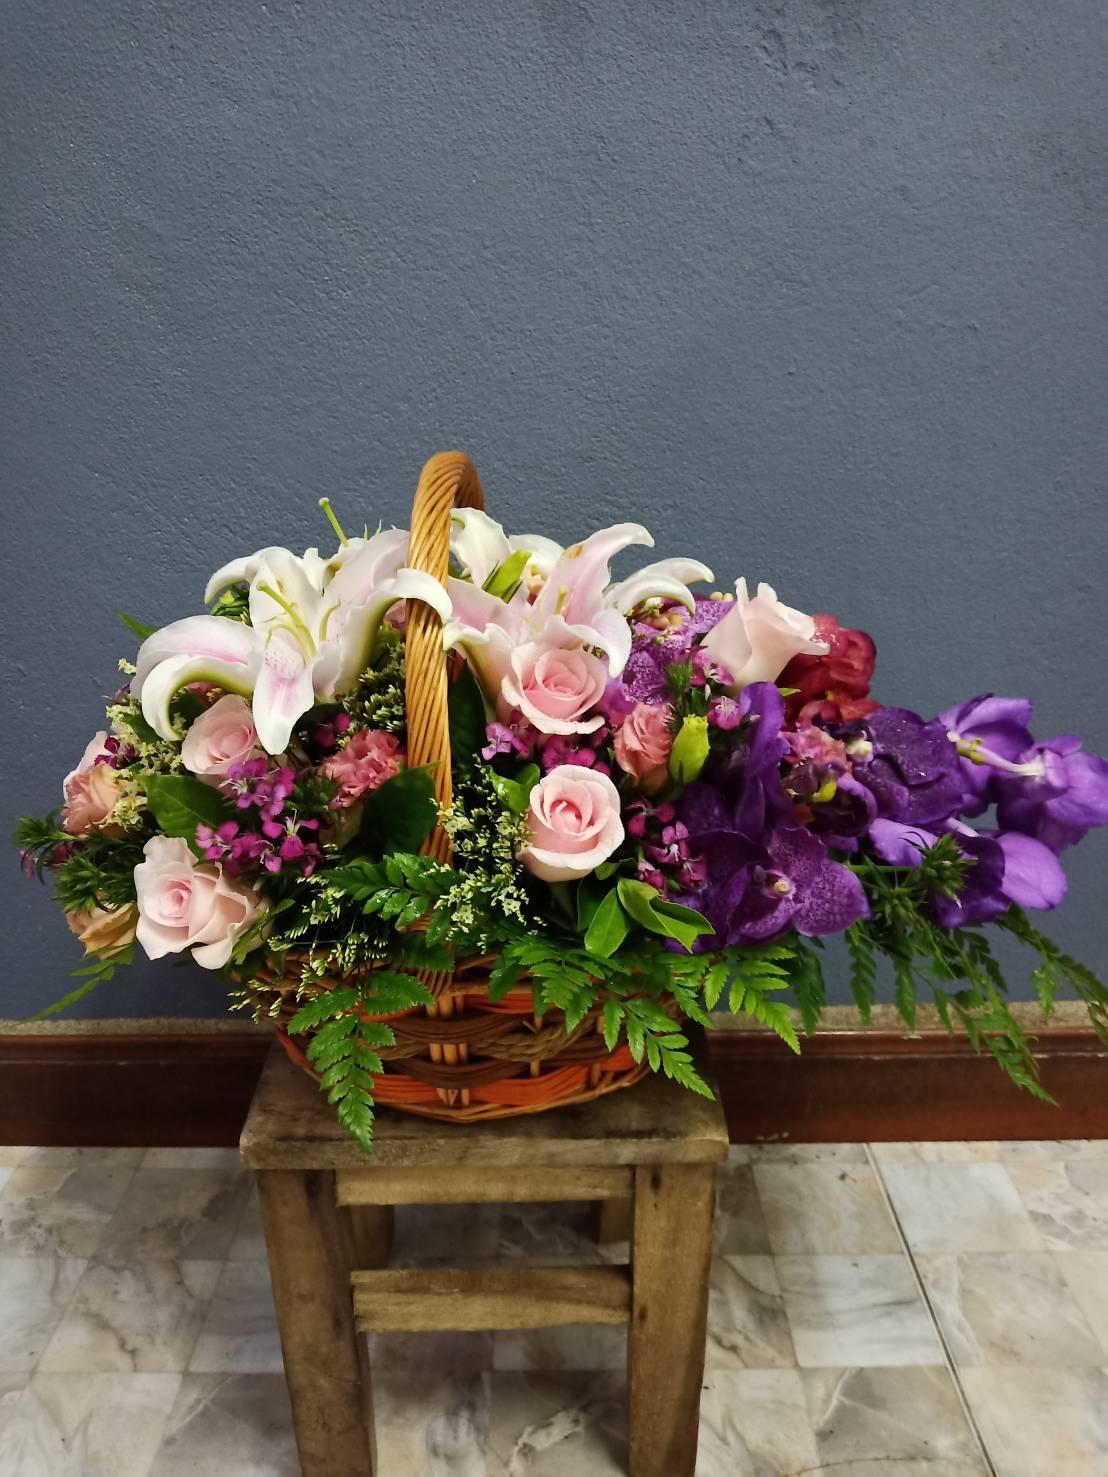 กระเช้าดอกไม้สำหรับมอบให้คนพิเศษของคุณหรือคนที่คุณรัก